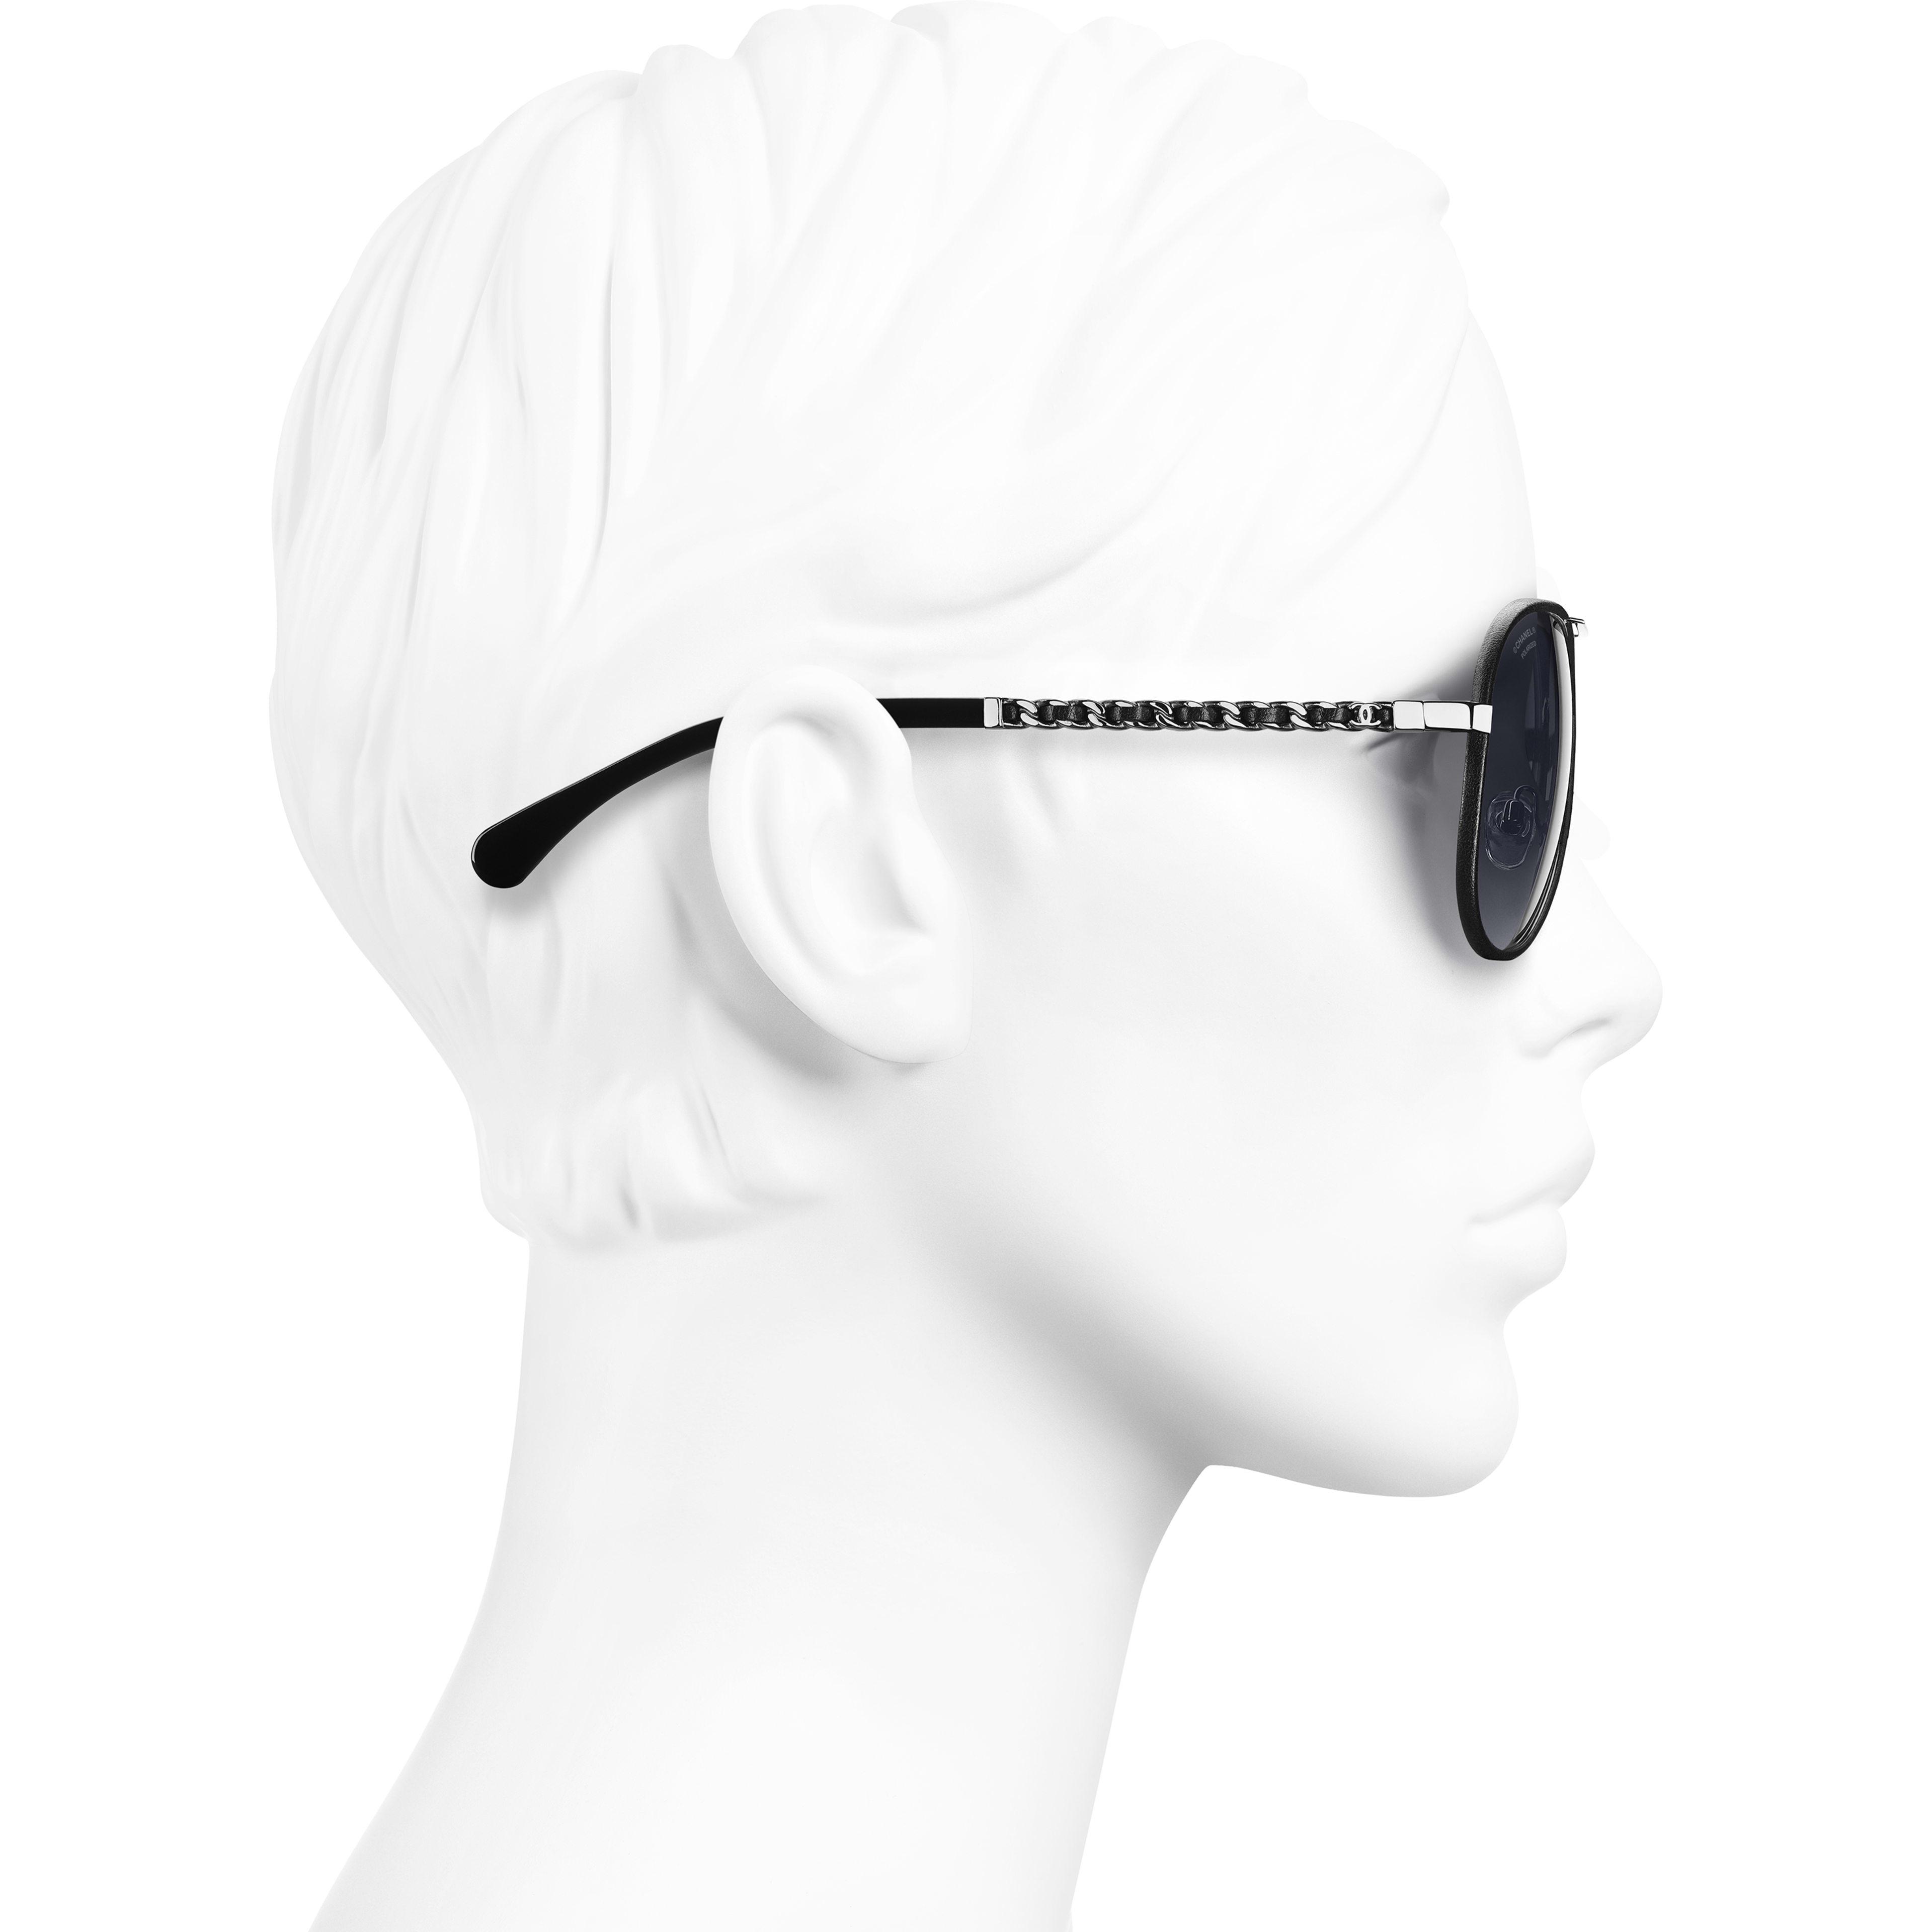 Gafas de sol estilo piloto - Negro - Metal y piel de ternera - CHANEL - Vista de perfil puesto - ver la versión tamaño estándar